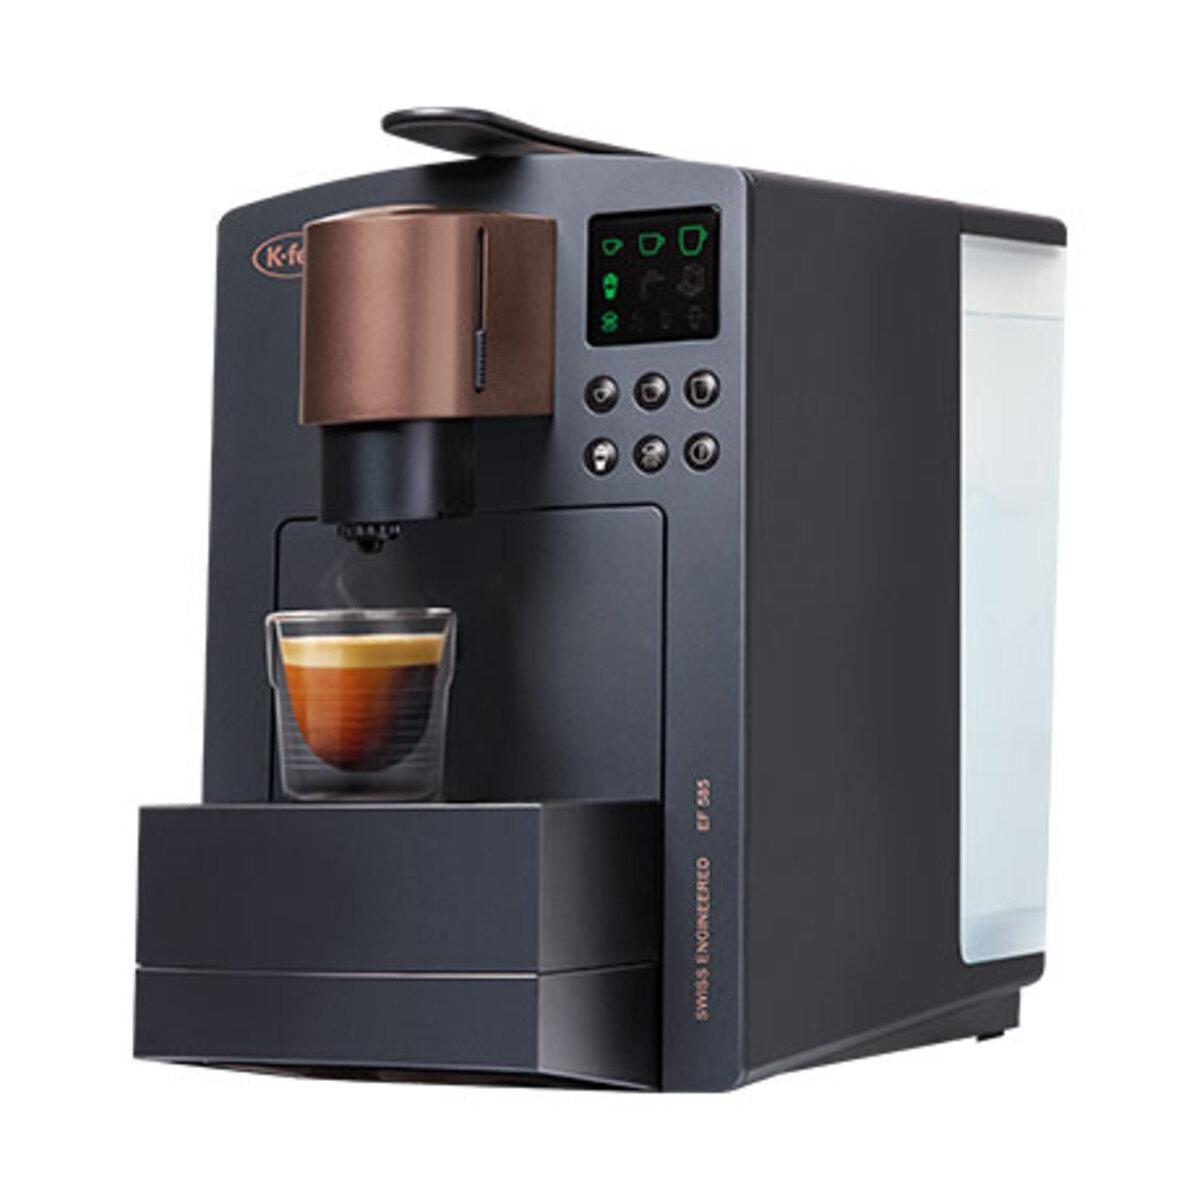 Bild 2 von Set aus Kapselmaschine Grande 585 und 18 Packungen Expressi Kaffee